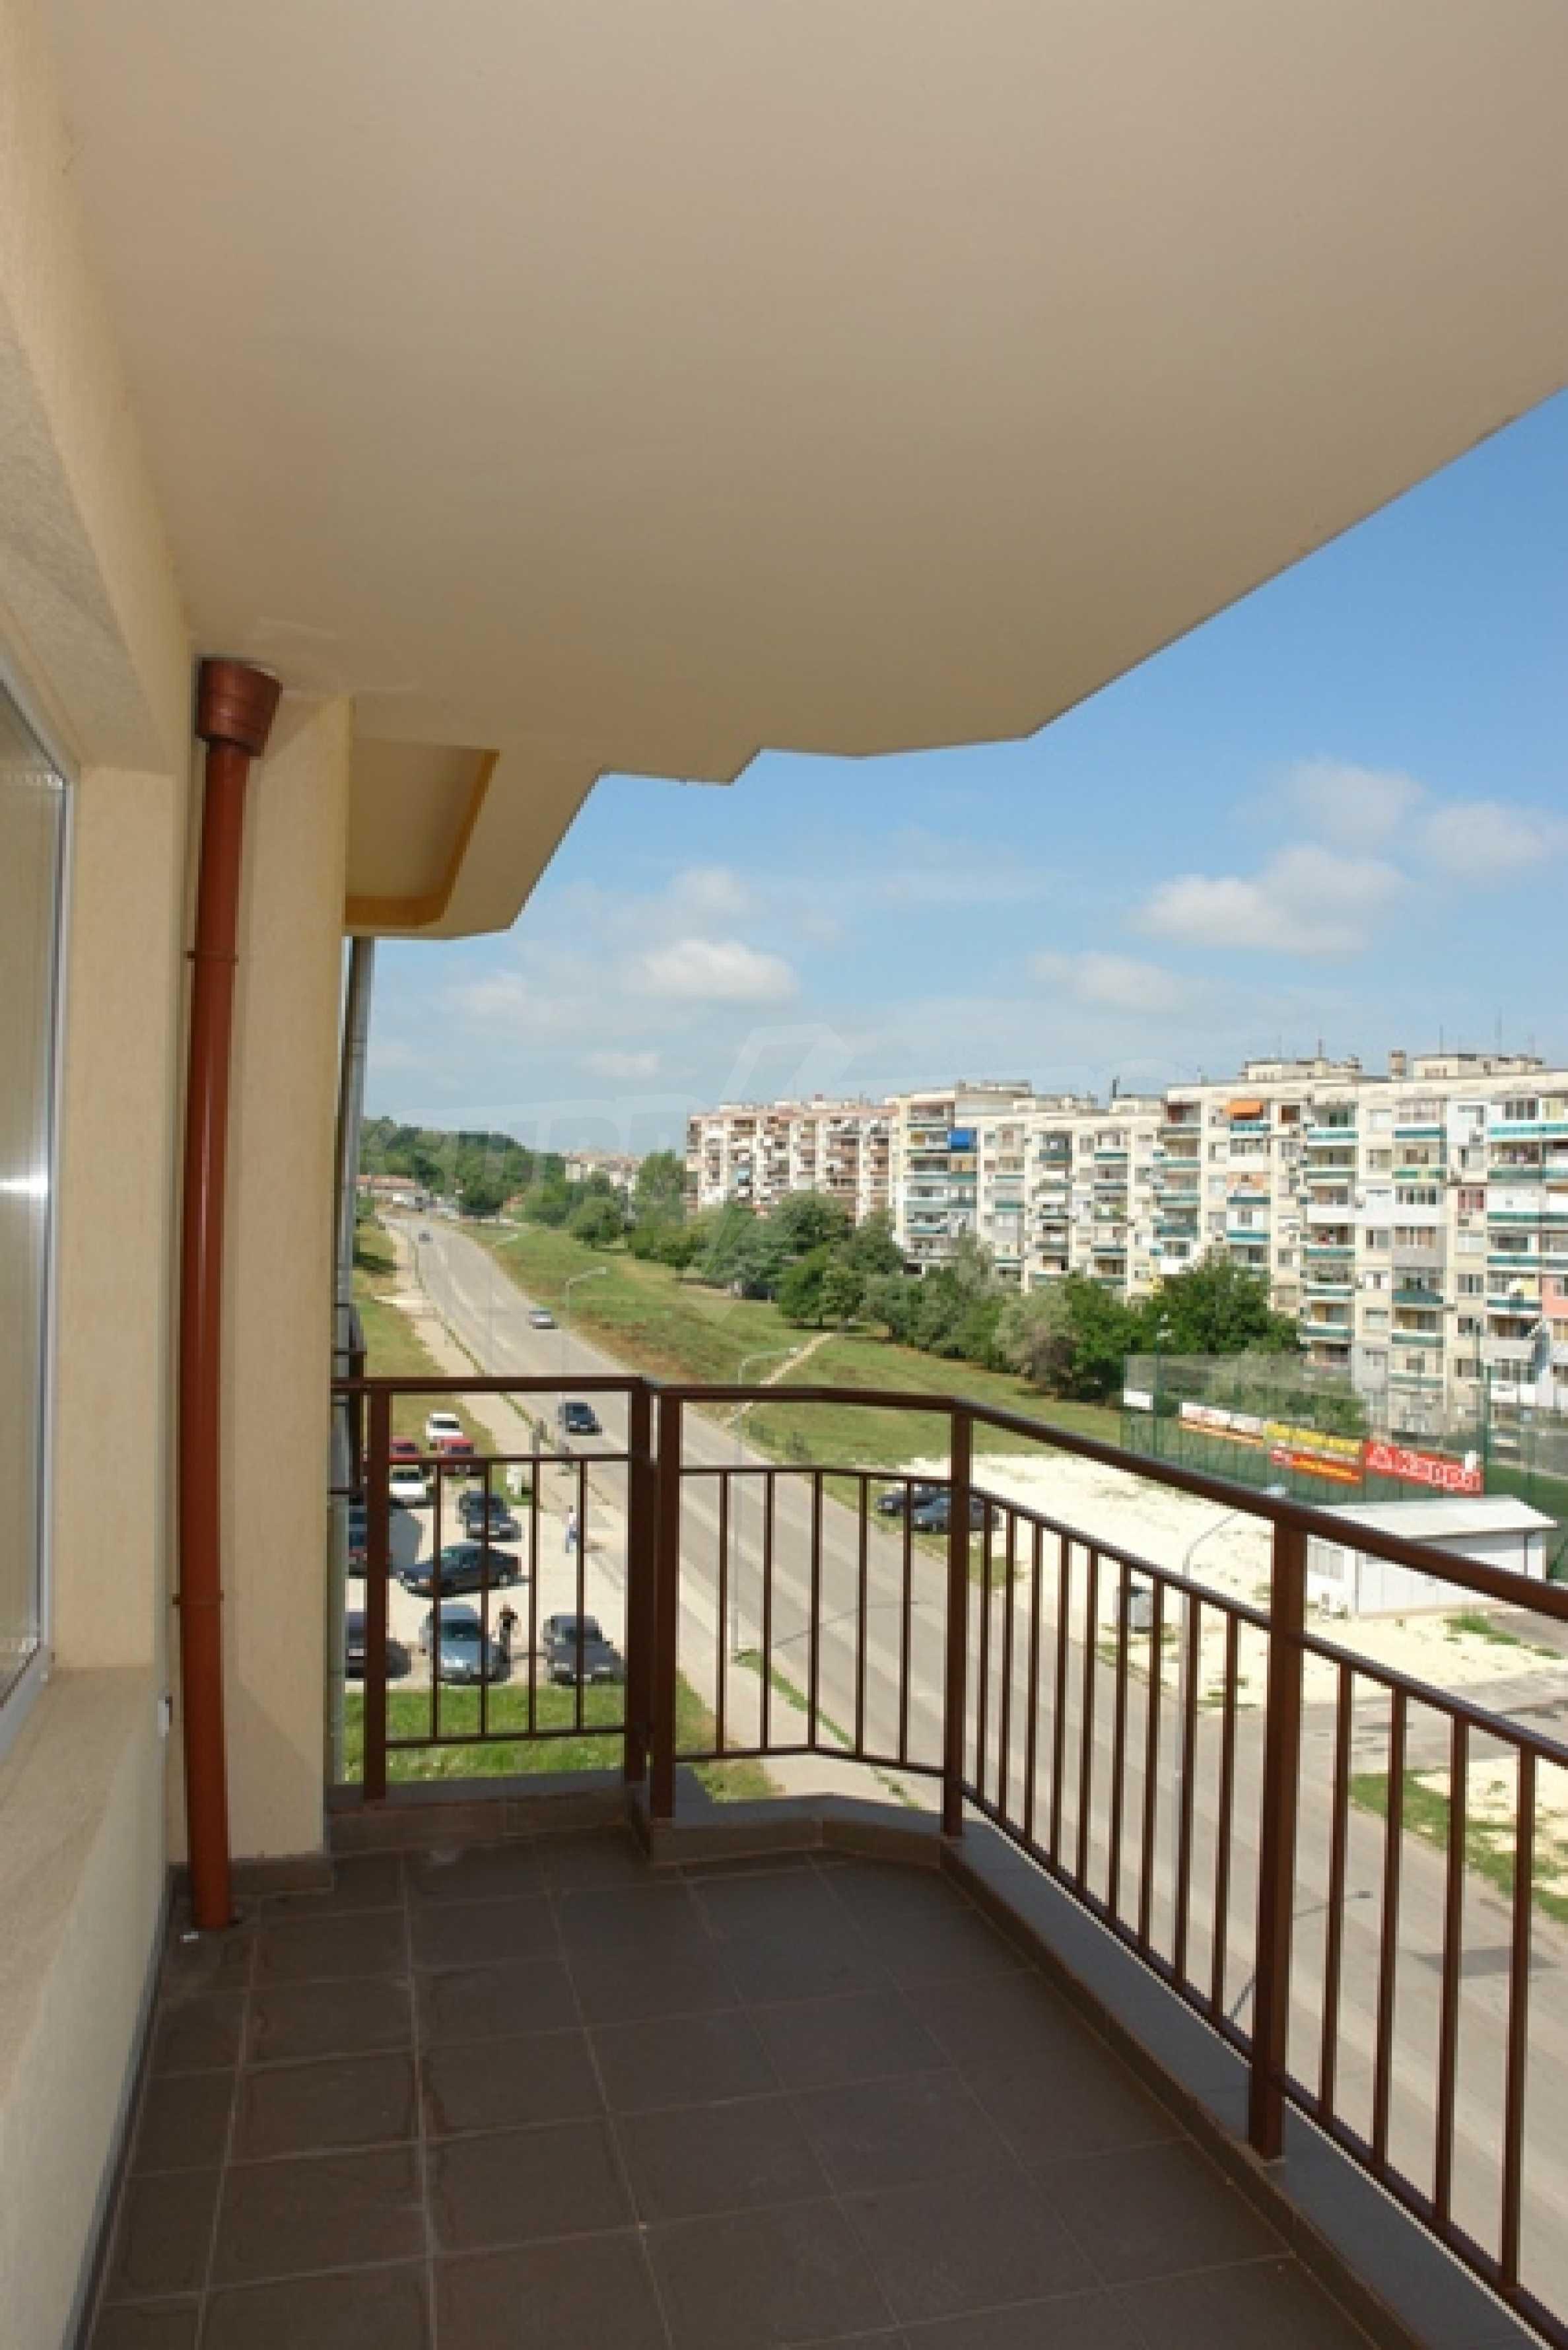 Тристаен апартамент в Русе с невероятна панорама към града 9